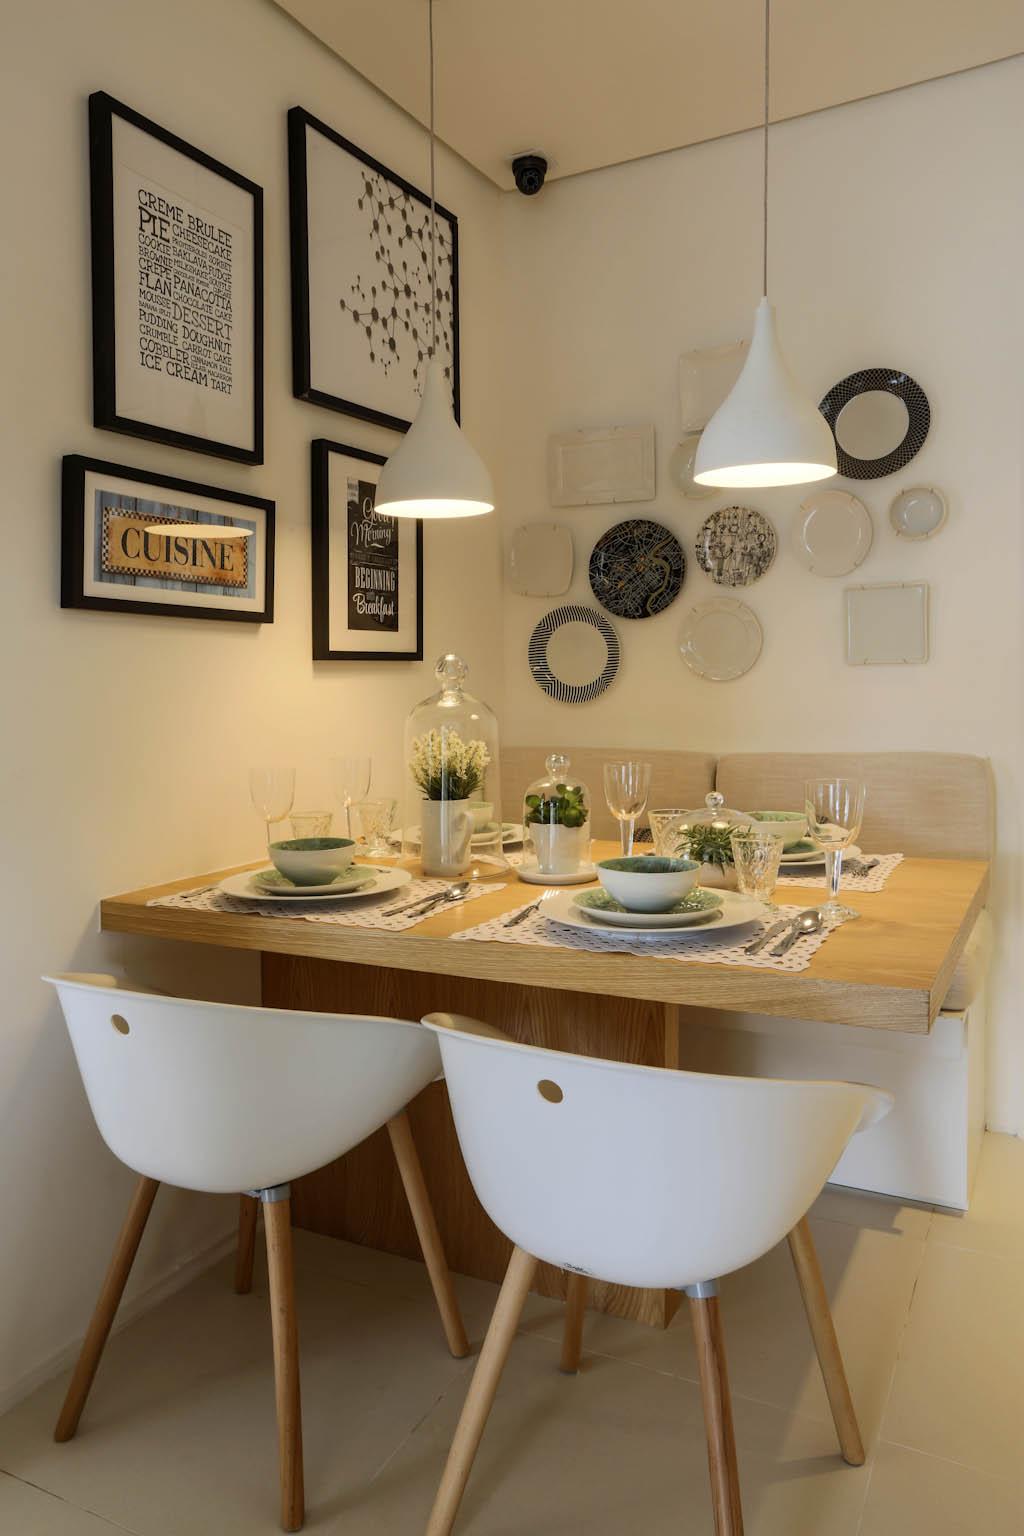 Uma dica é encostar a mesa na parede para ganhar mais espaço de circulação.